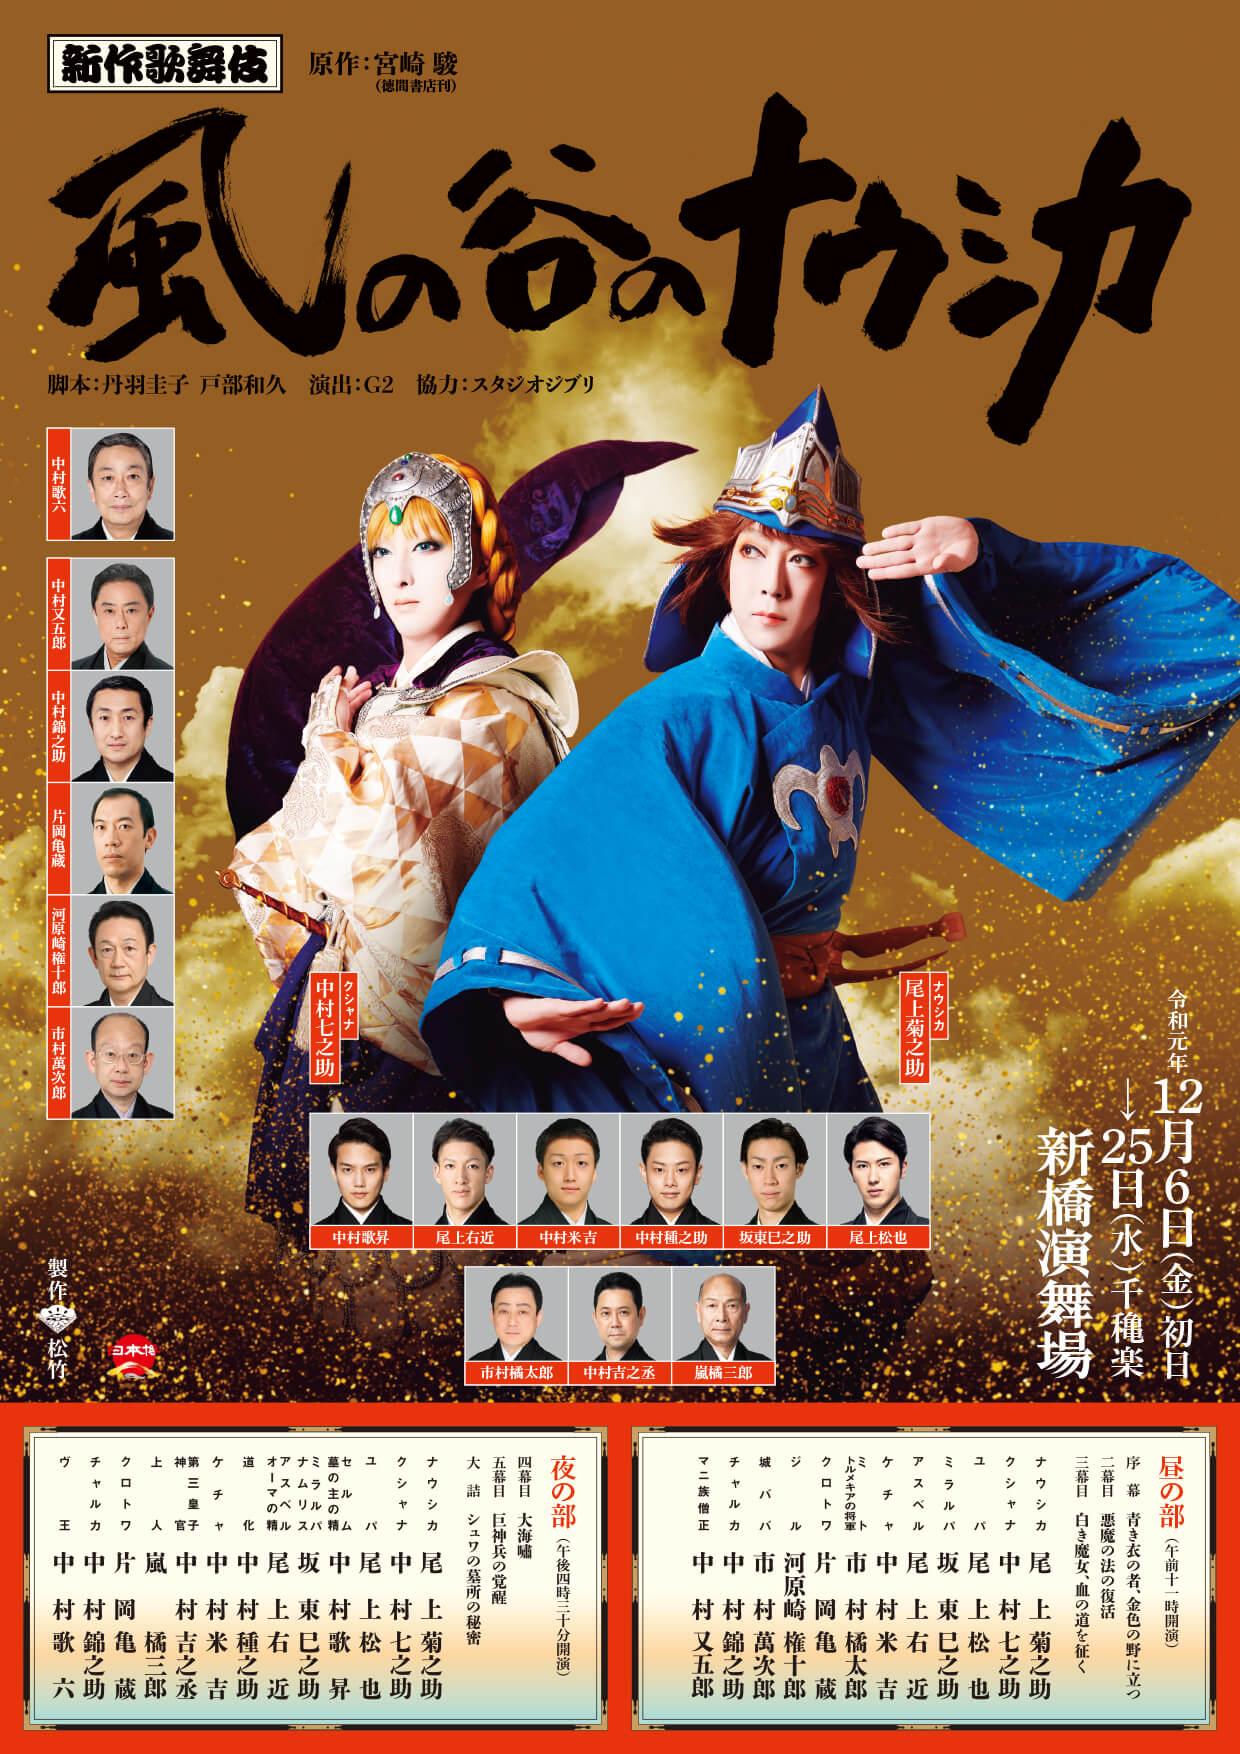 宫崎骏名作《风之谷》歌舞伎化 女主娜乌西卡定妆形象首爆